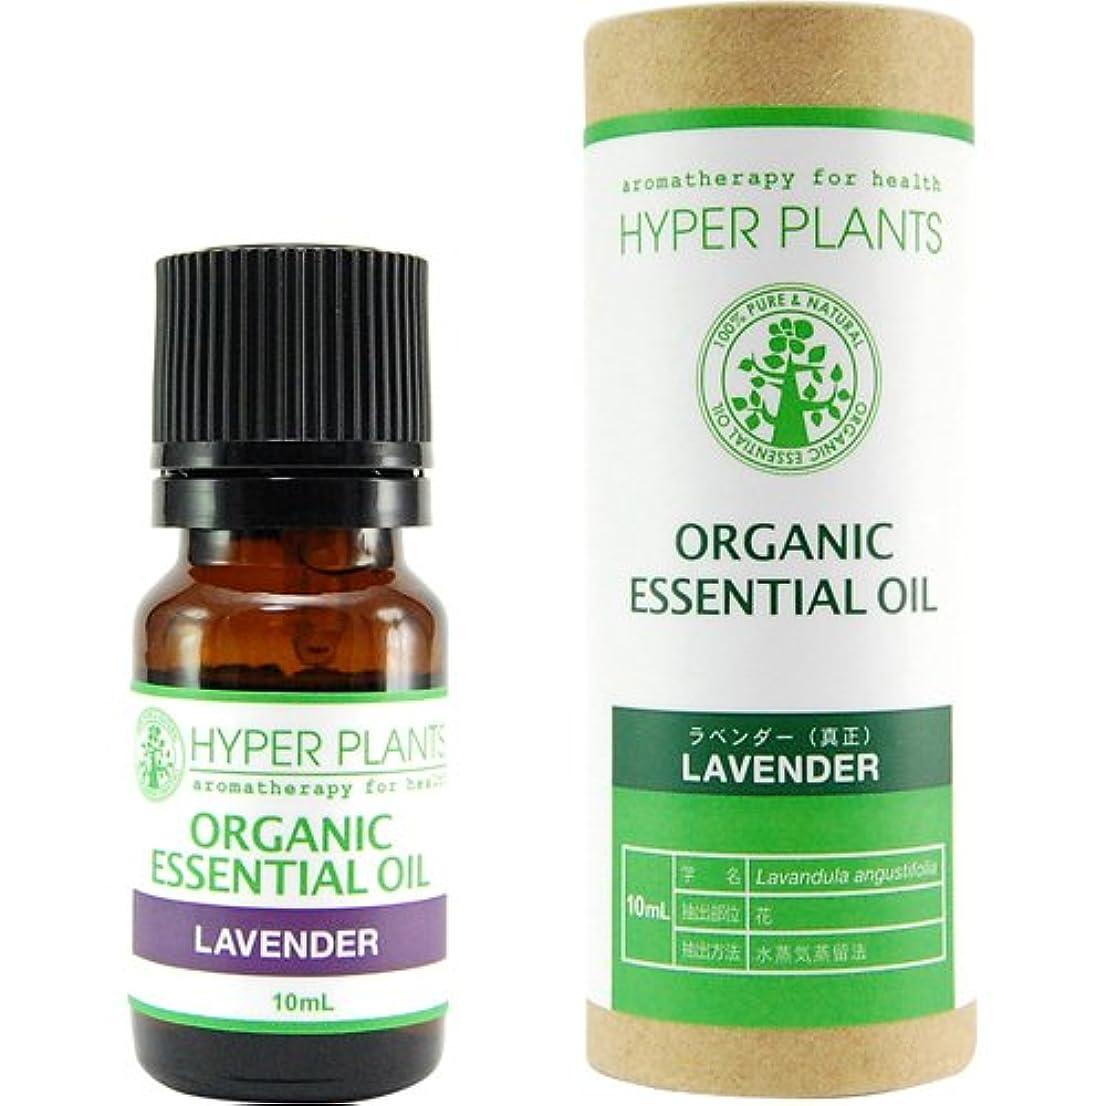 浸した大声で吸うHYPER PLANTS ハイパープランツ オーガニックエッセンシャルオイル ラベンダー(真正) 10ml HE0207